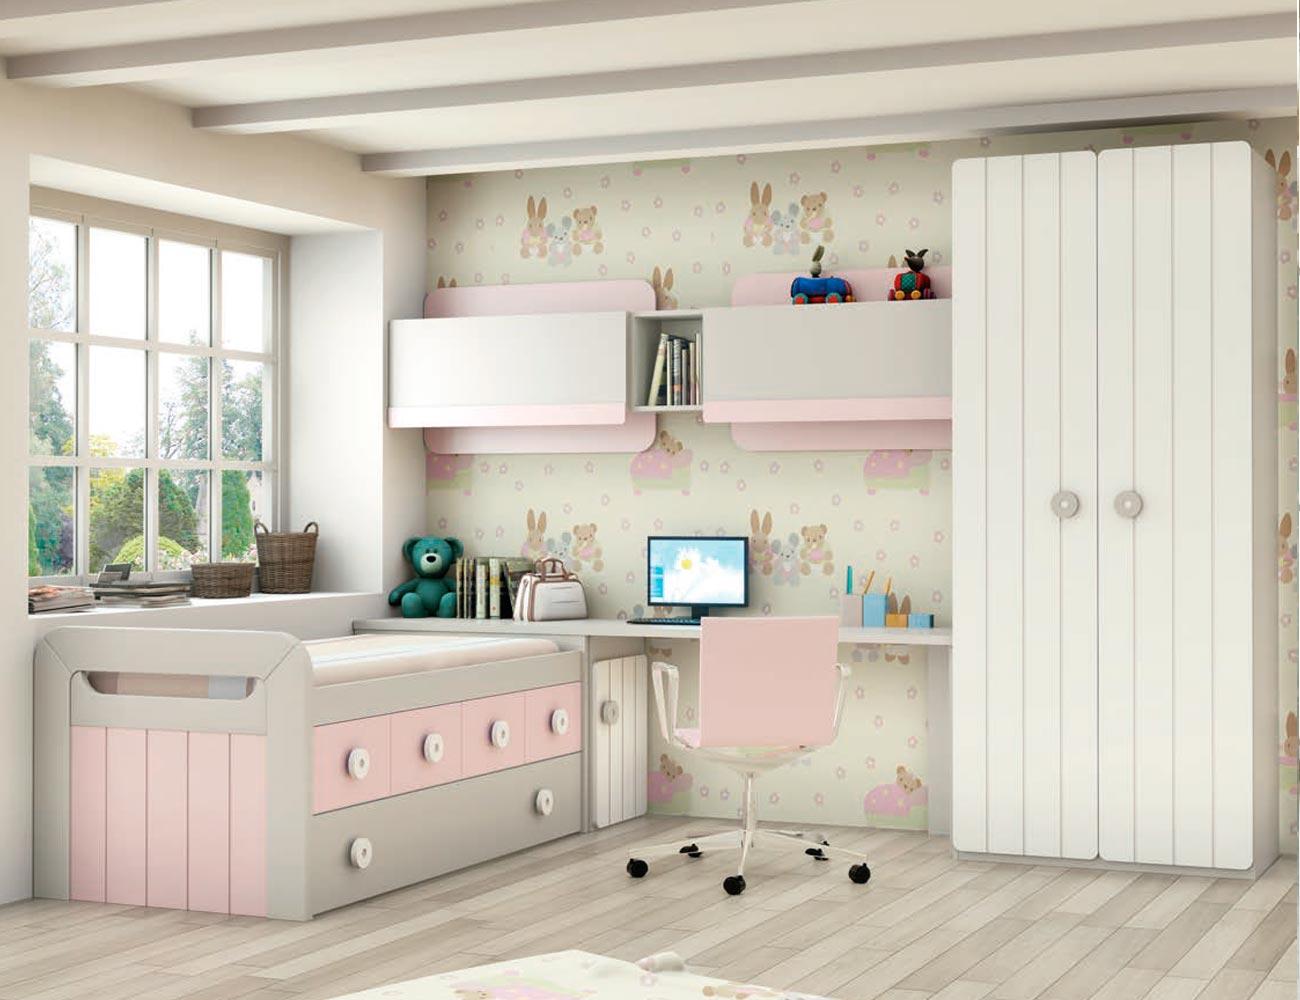 Dormitorio juvenil en madera con cama nido armario 2 for Cama nido dormitorio juvenil